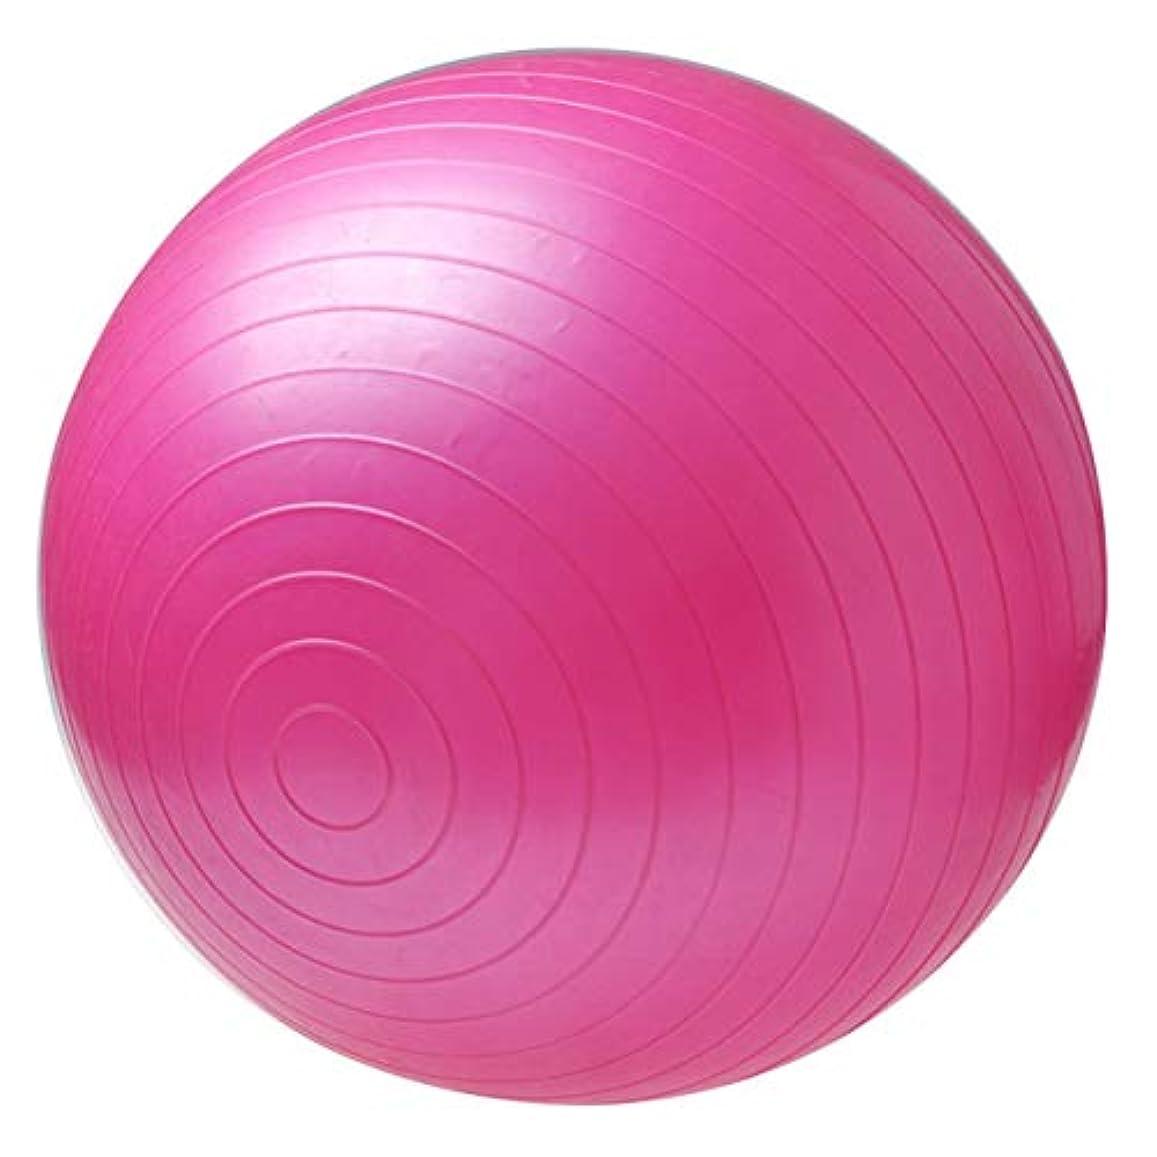 相反する変色する独創的非毒性スポーツヨガボールボラピラティスフィットネスジムバランスフィットボールエクササイズピラティスワークアウトマッサージボール-ピンク75CM